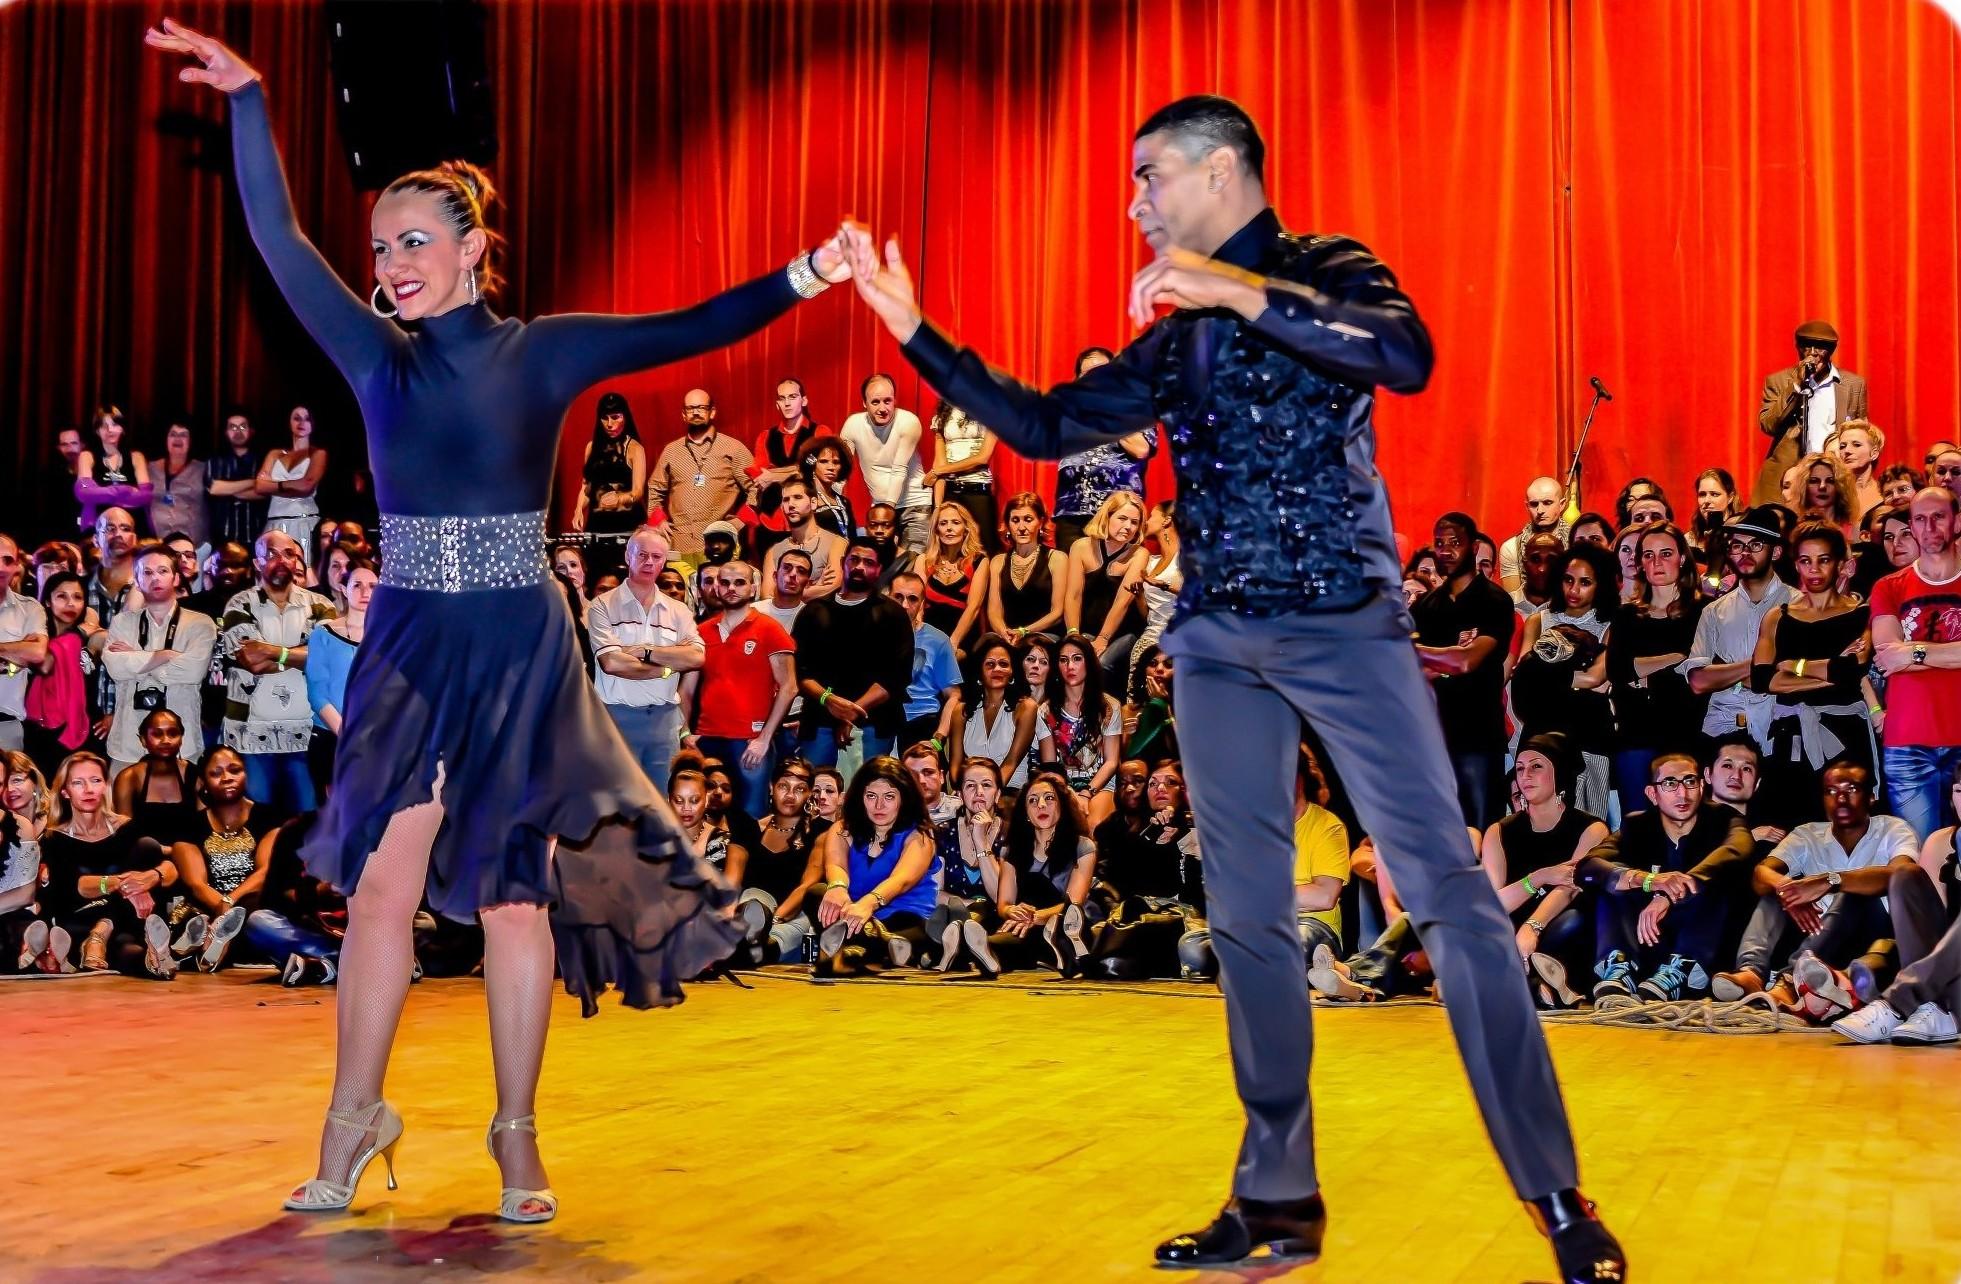 Salsa Portoricaine en couple : stage à Paris au Carreau du Temple le samedi 9 février 2019 à 20h.